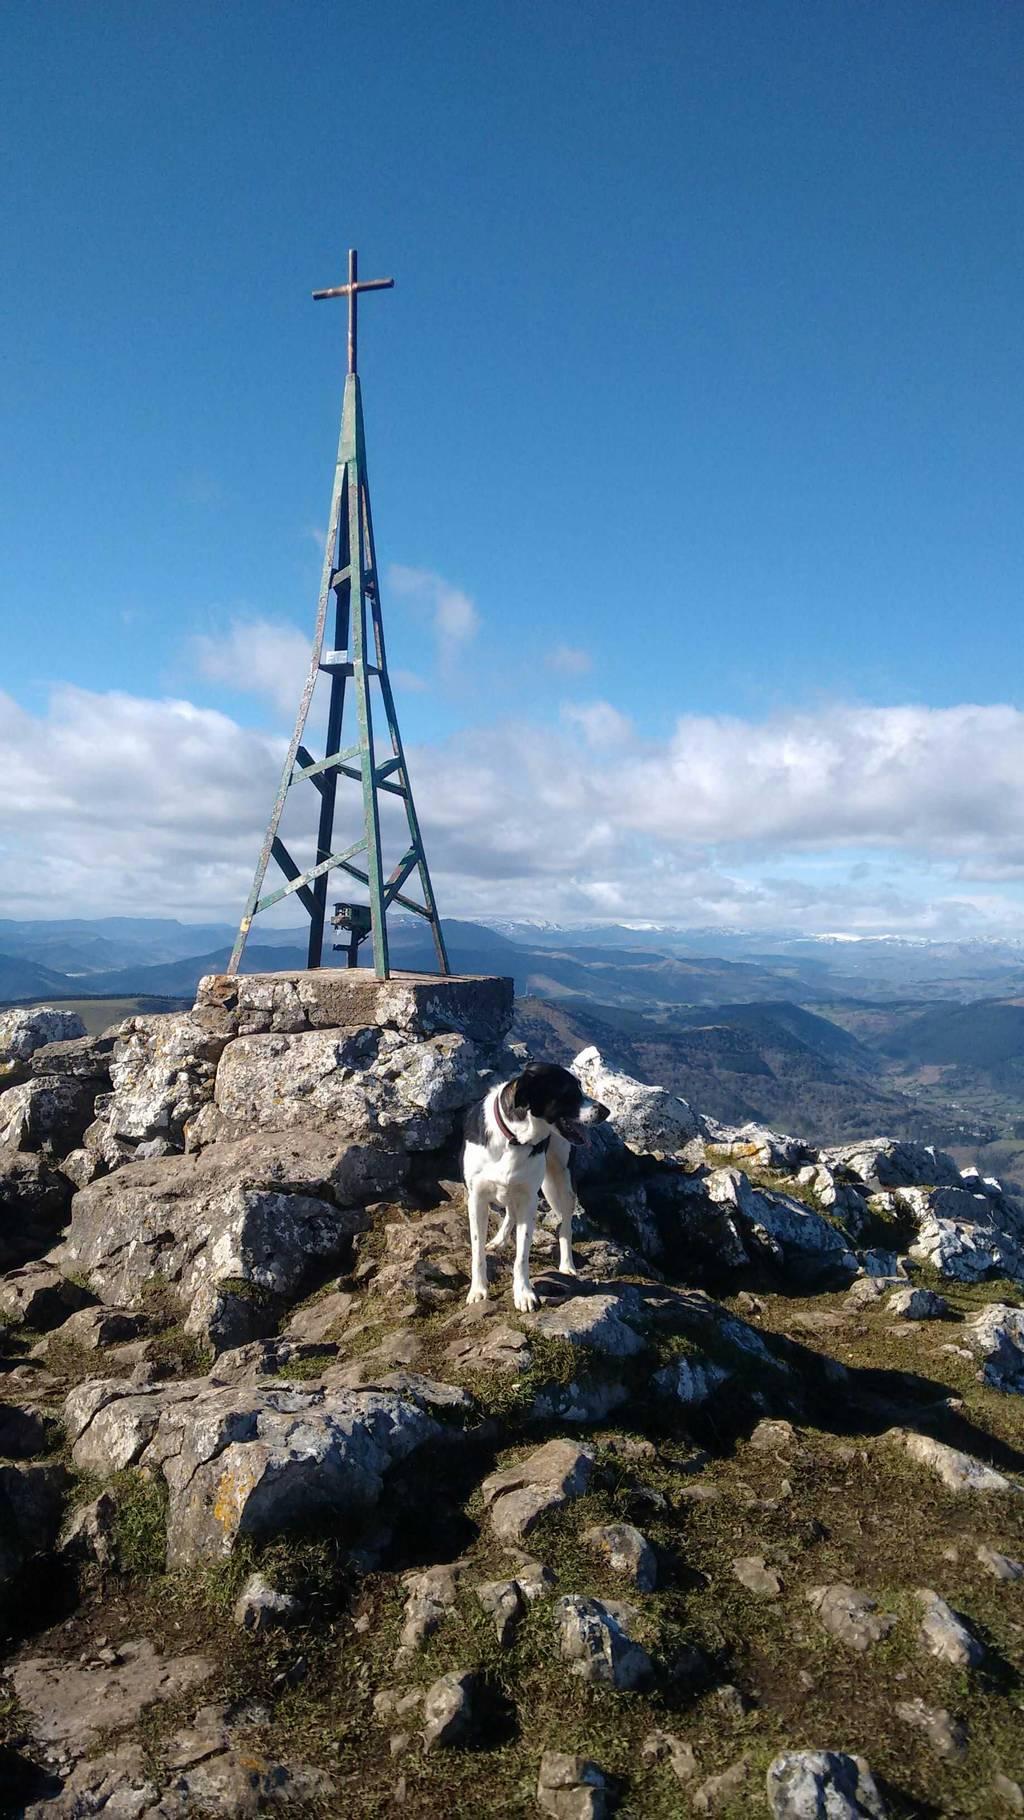 Joxe madueño erabiltzailea Pico de la Cruz puntan, 2018-03-03 12:52